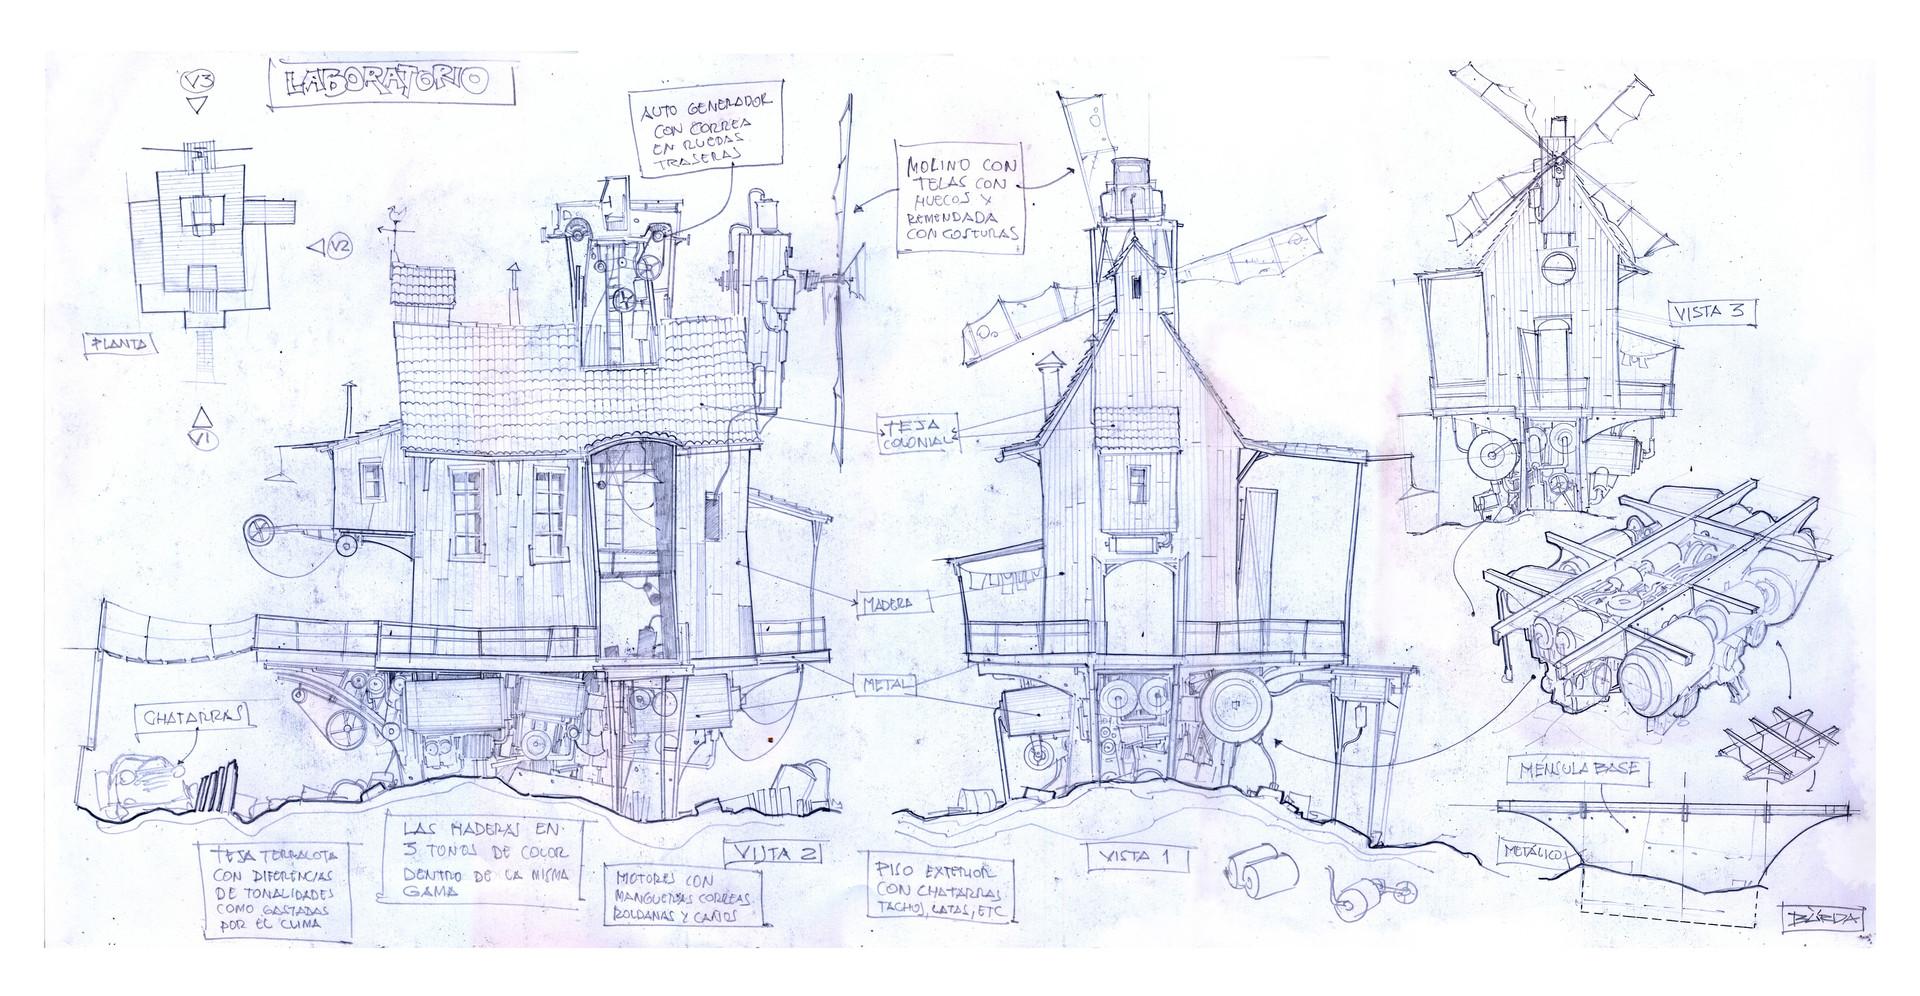 Alejandro burdisio concepts hdlm laboratorio esquemas1